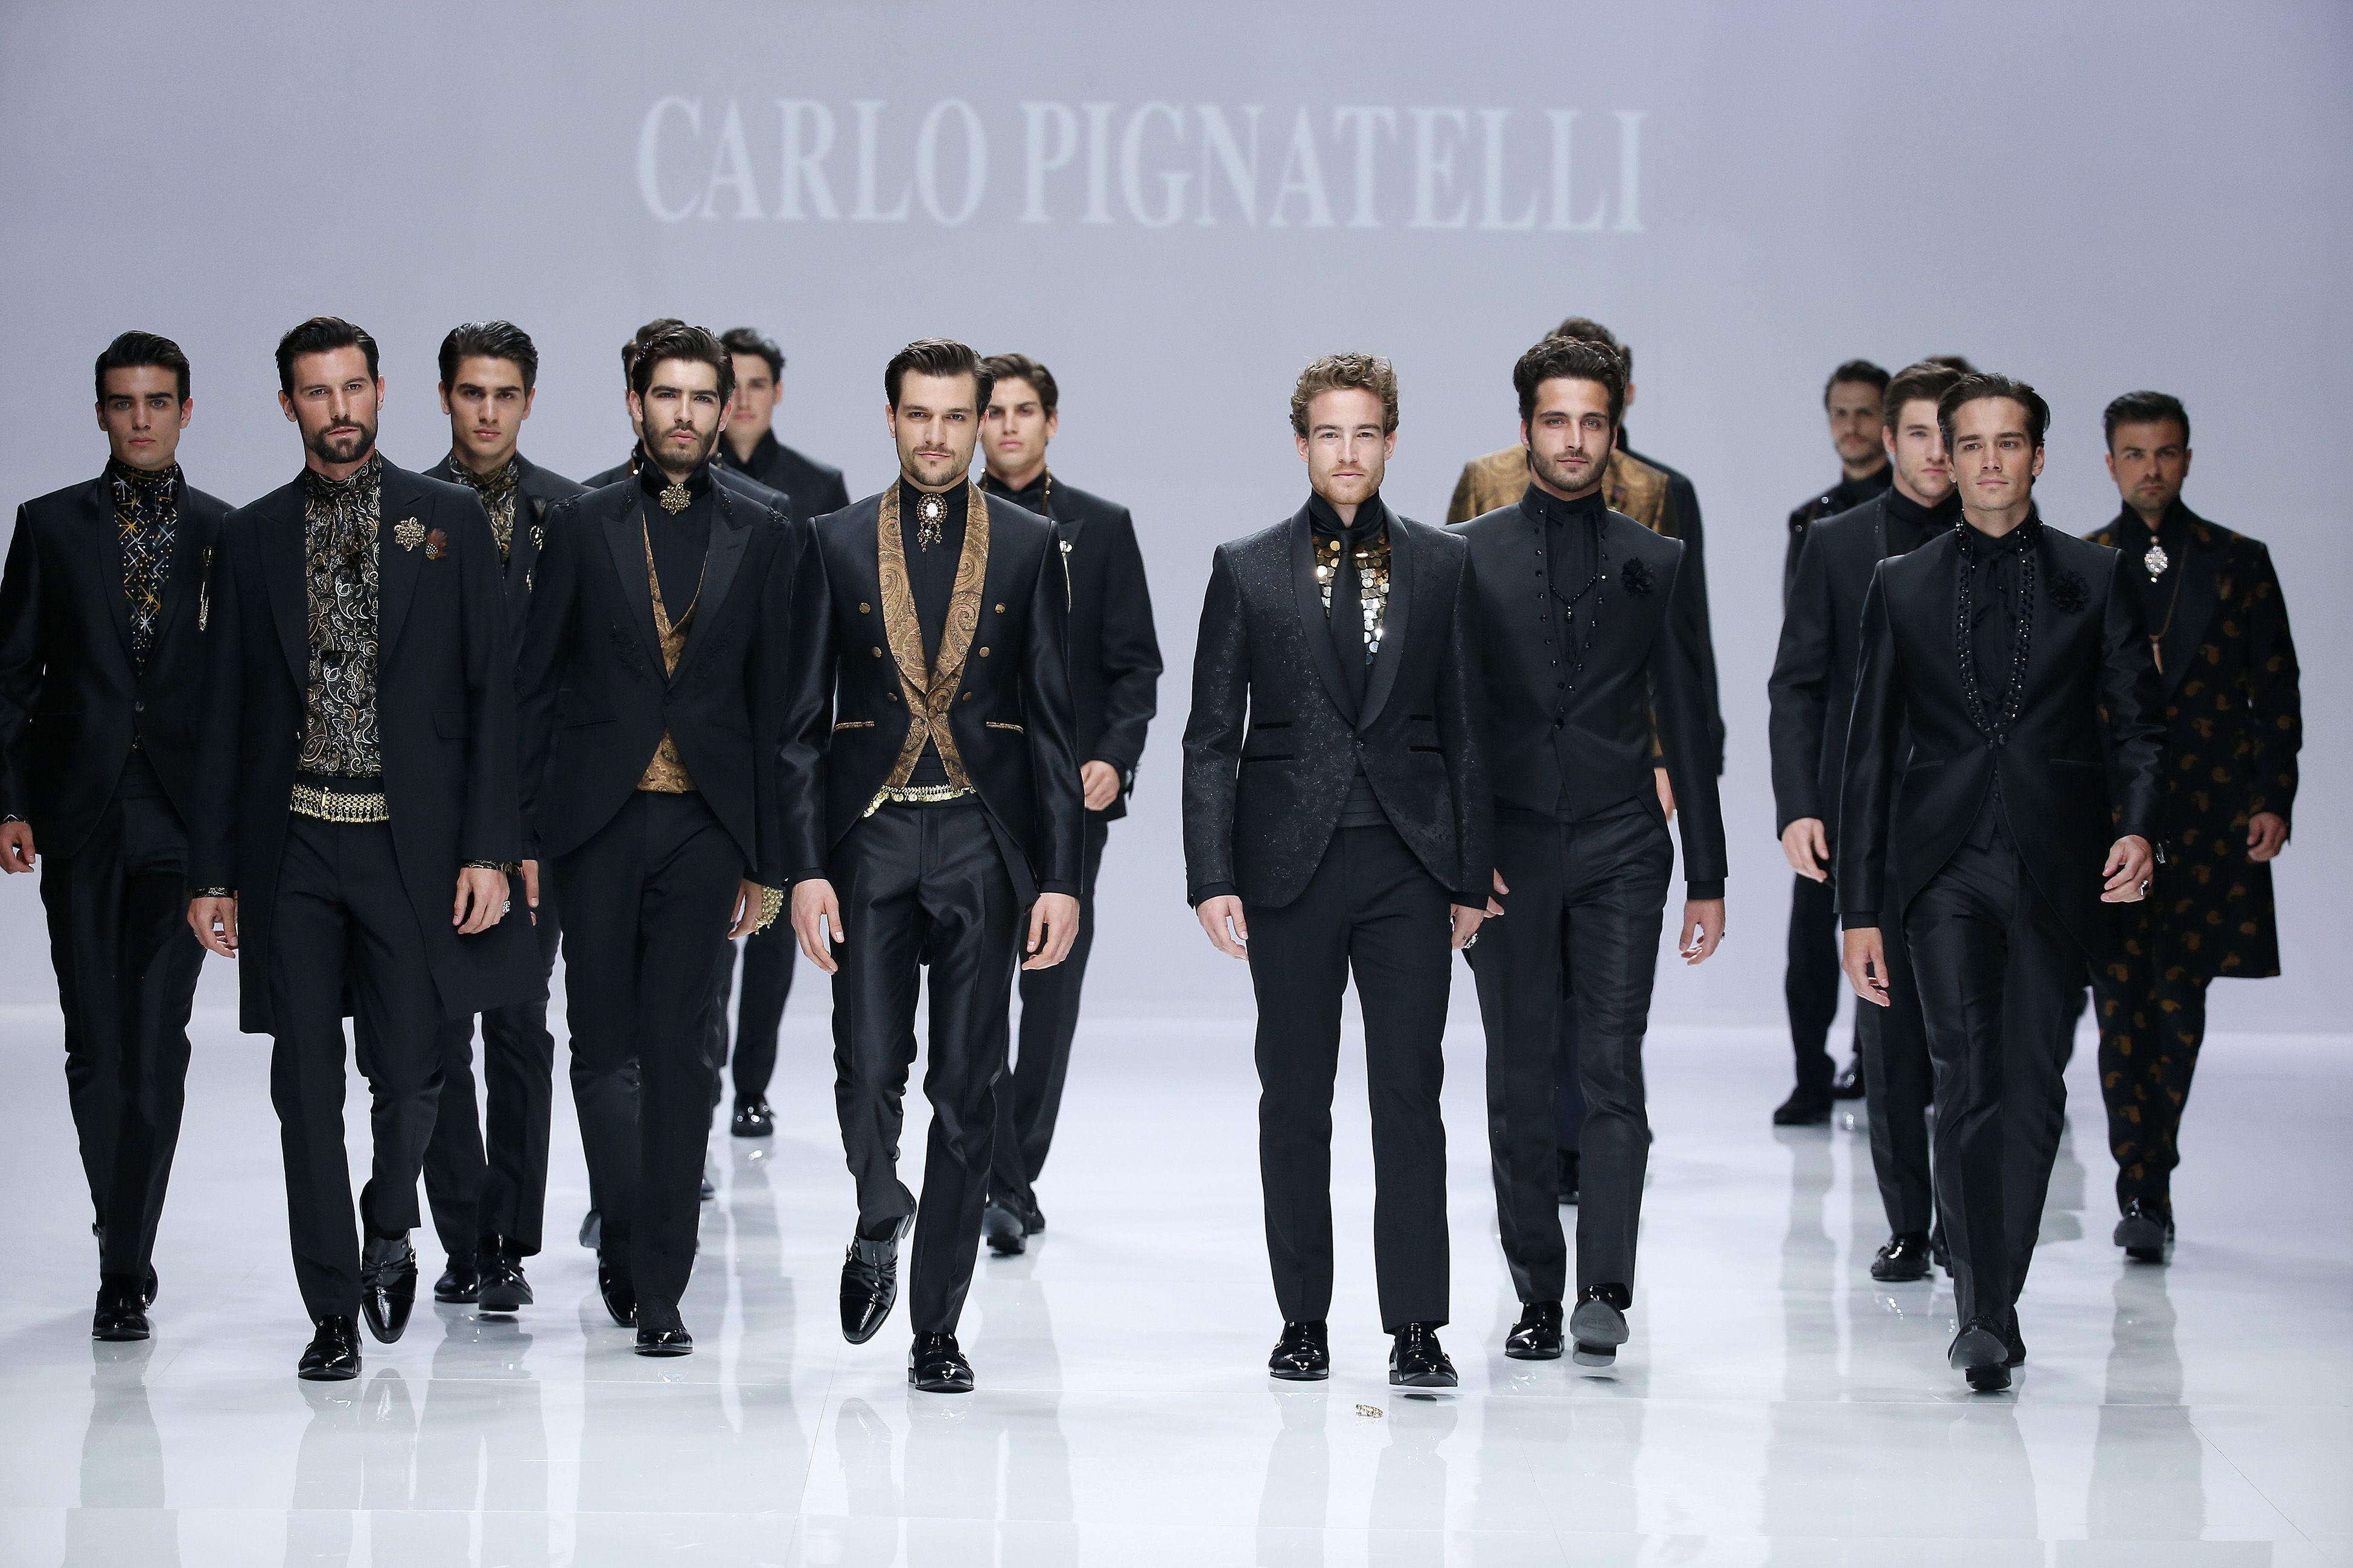 4427ea71be93 Carlo Pignatelli